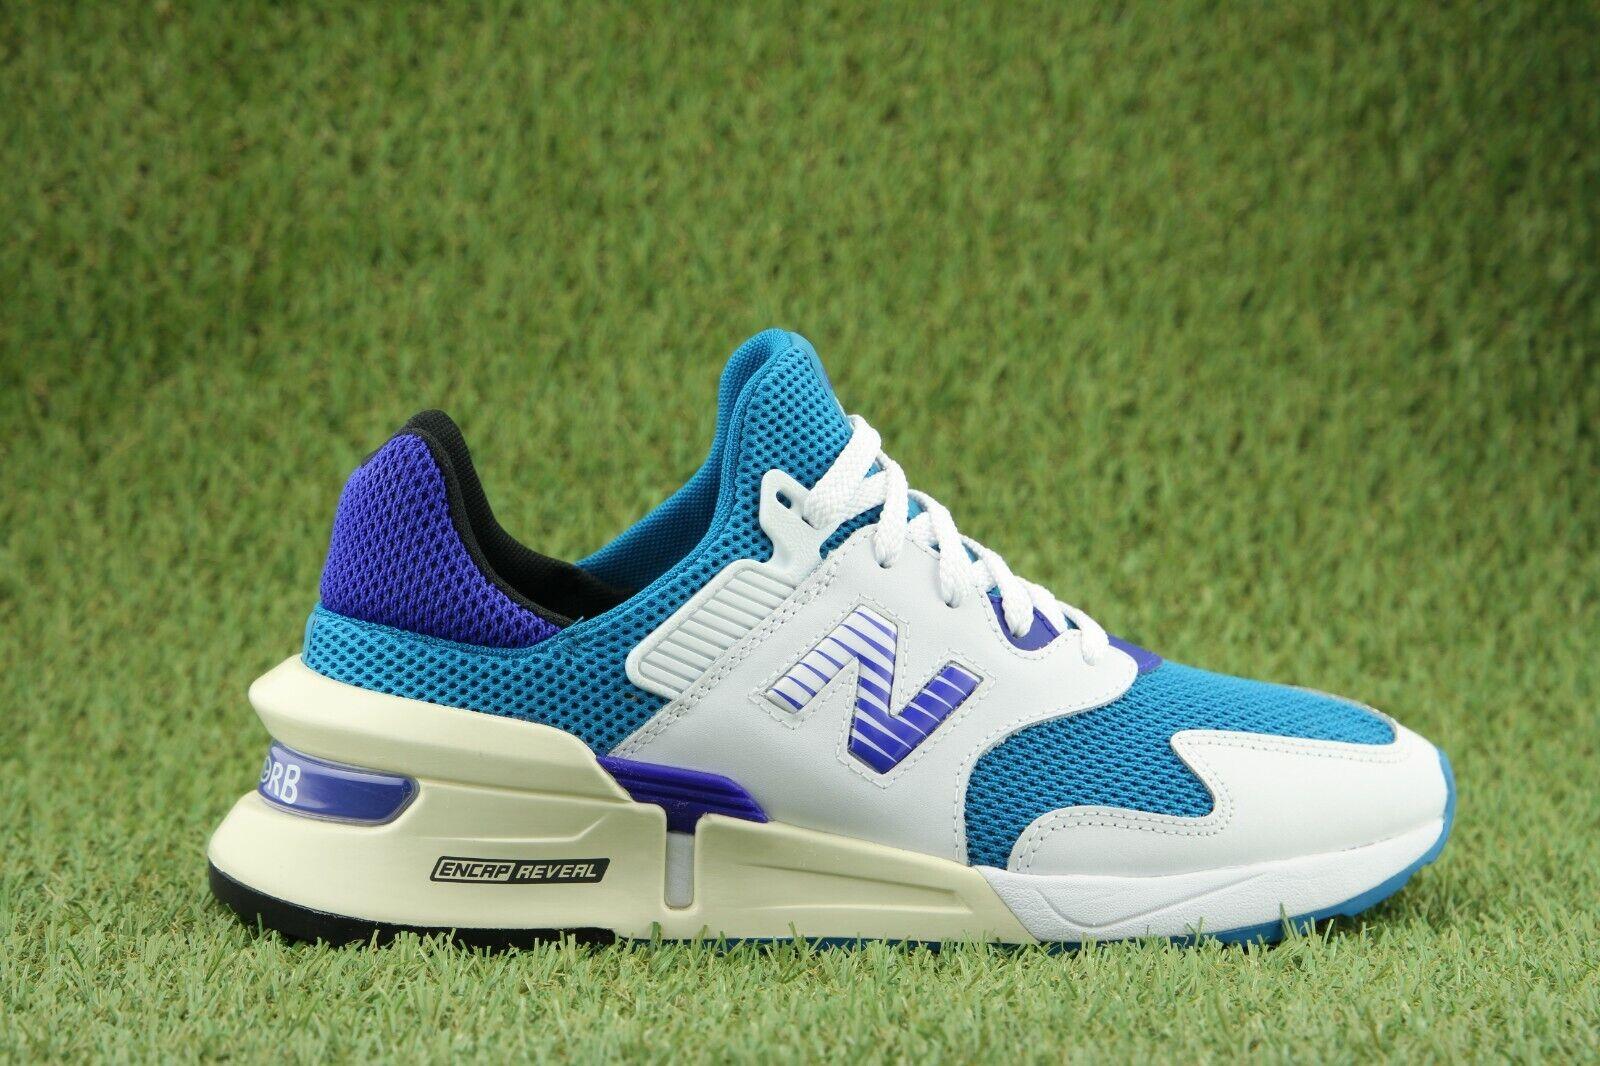 nouveau   ms997jhb Hommes Chaussures paniers FonctionneHommest Chaussure De Course